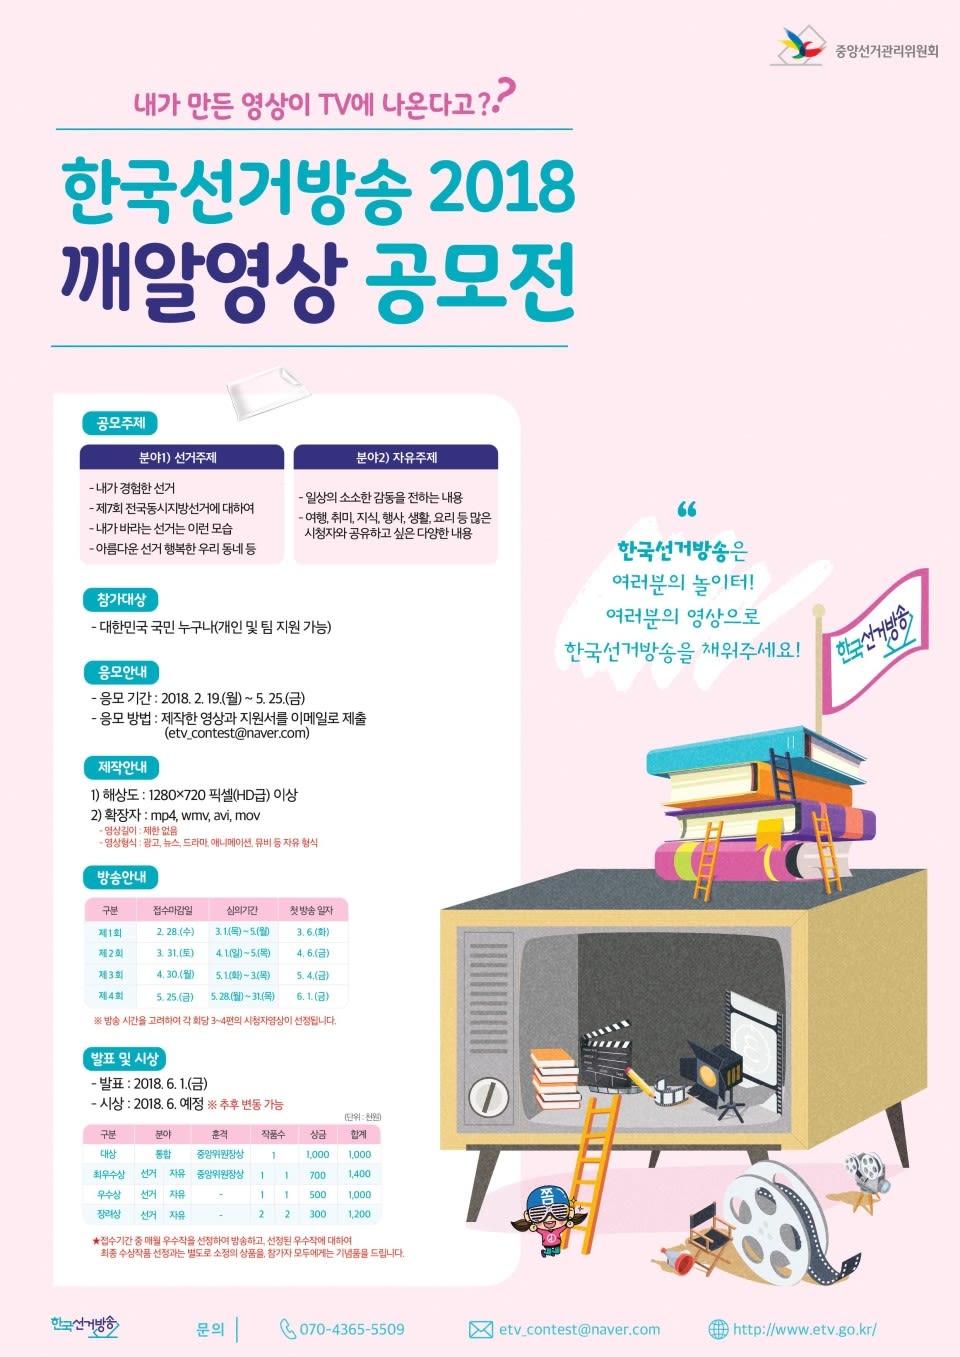 중앙선거관리위원회 한국선거방송 2018 깨알영상 공모전